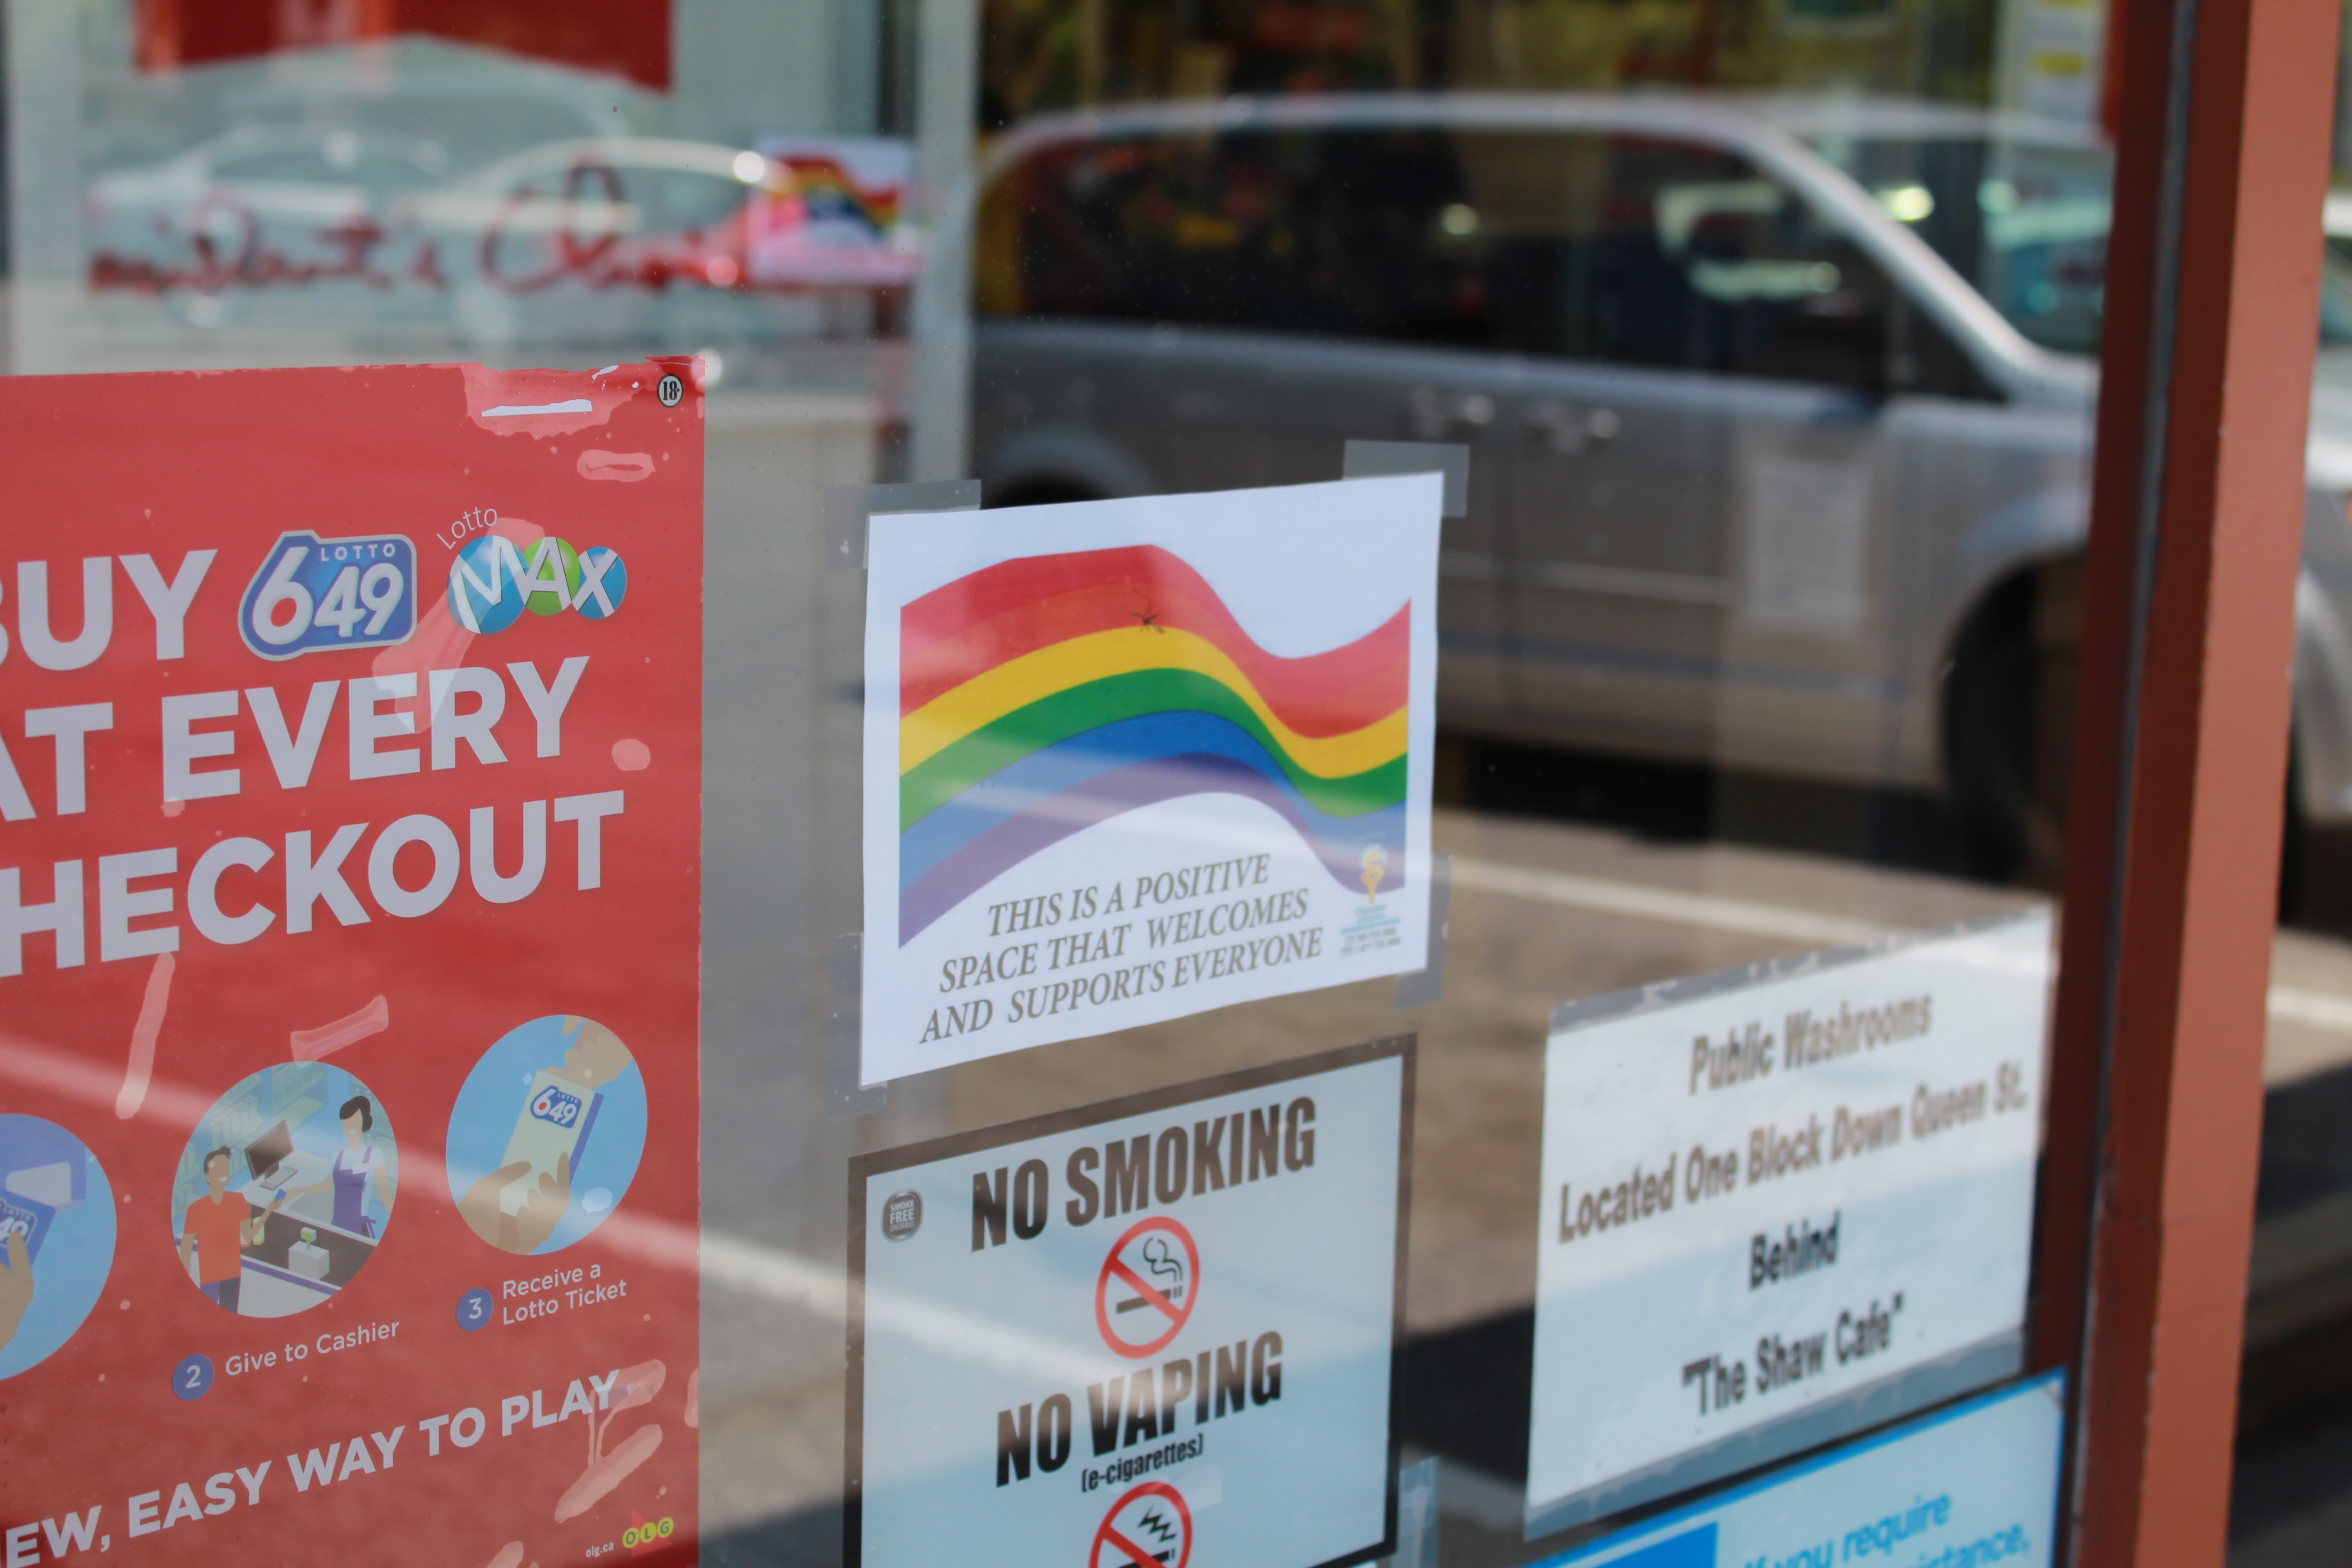 Uma loja com um adesivo de arco íris